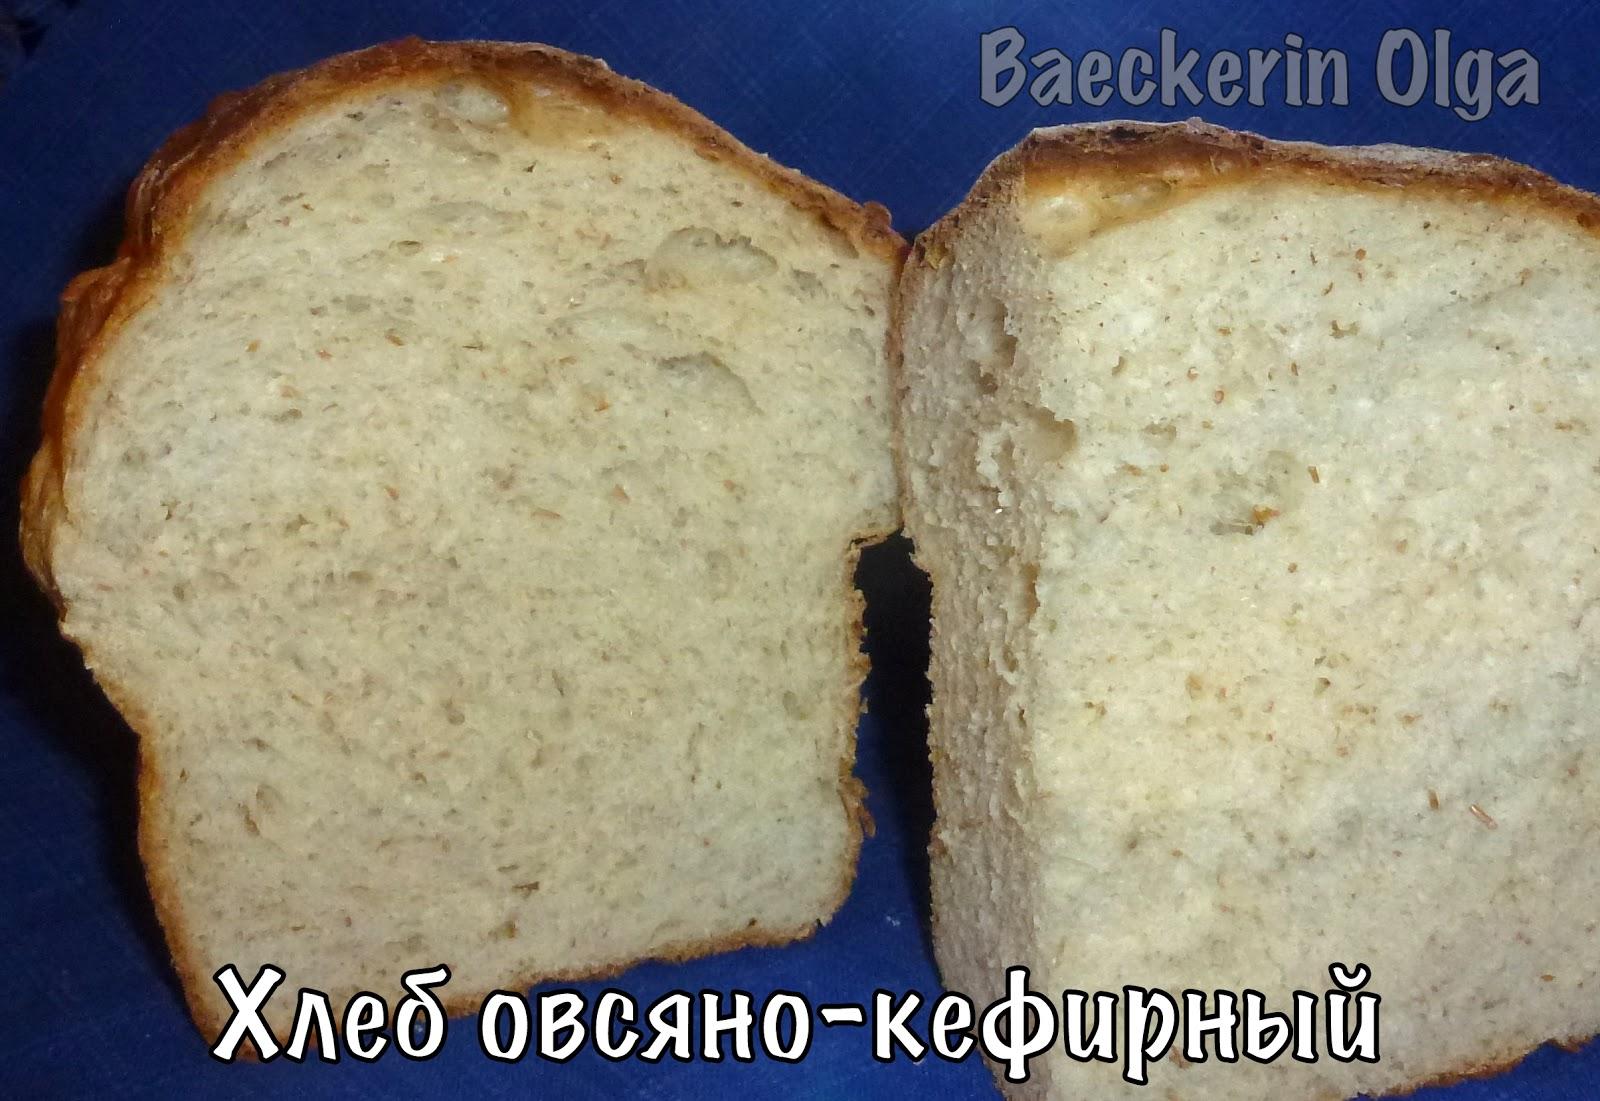 http://2.bp.blogspot.com/-KqkcWpciYG0/UViWegMt4iI/AAAAAAAAE2s/N9yIad-W0nI/s1600/hleb-owsjano-kefirnyj.JPG